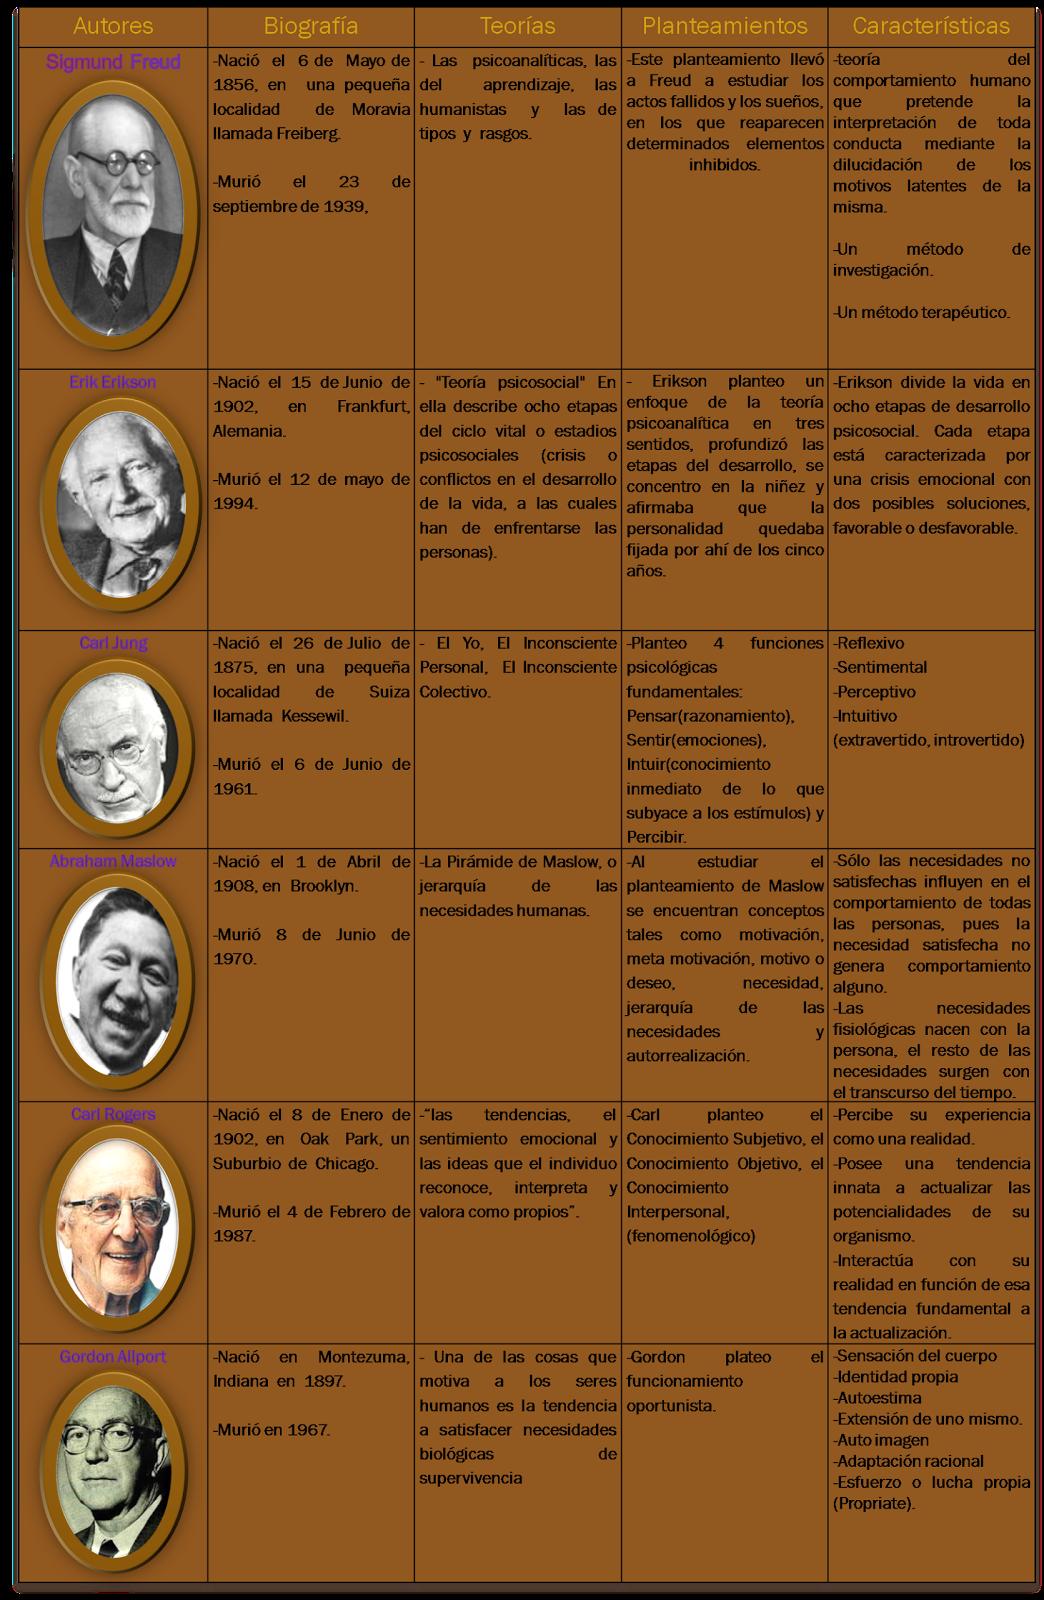 Psicología General 6 Cuadro Comparativo De Las Teorias De